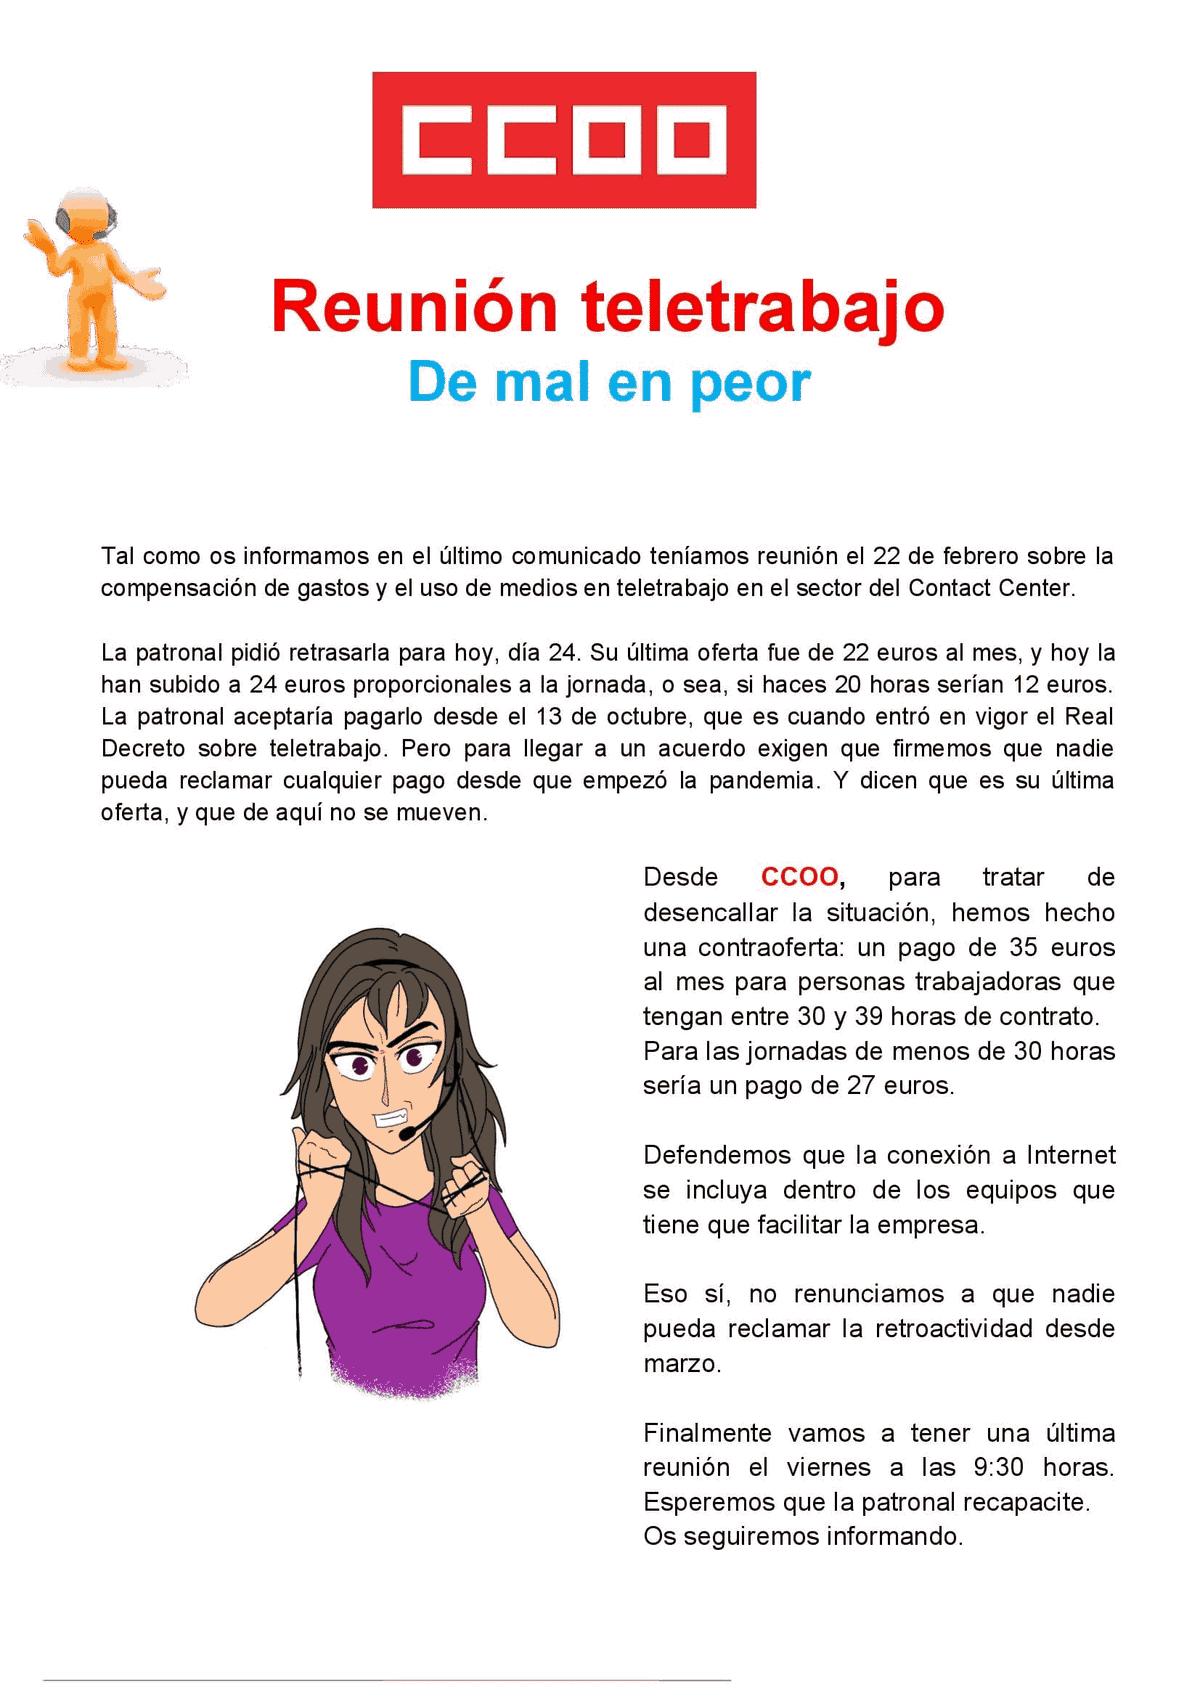 Teletrabajo contat center